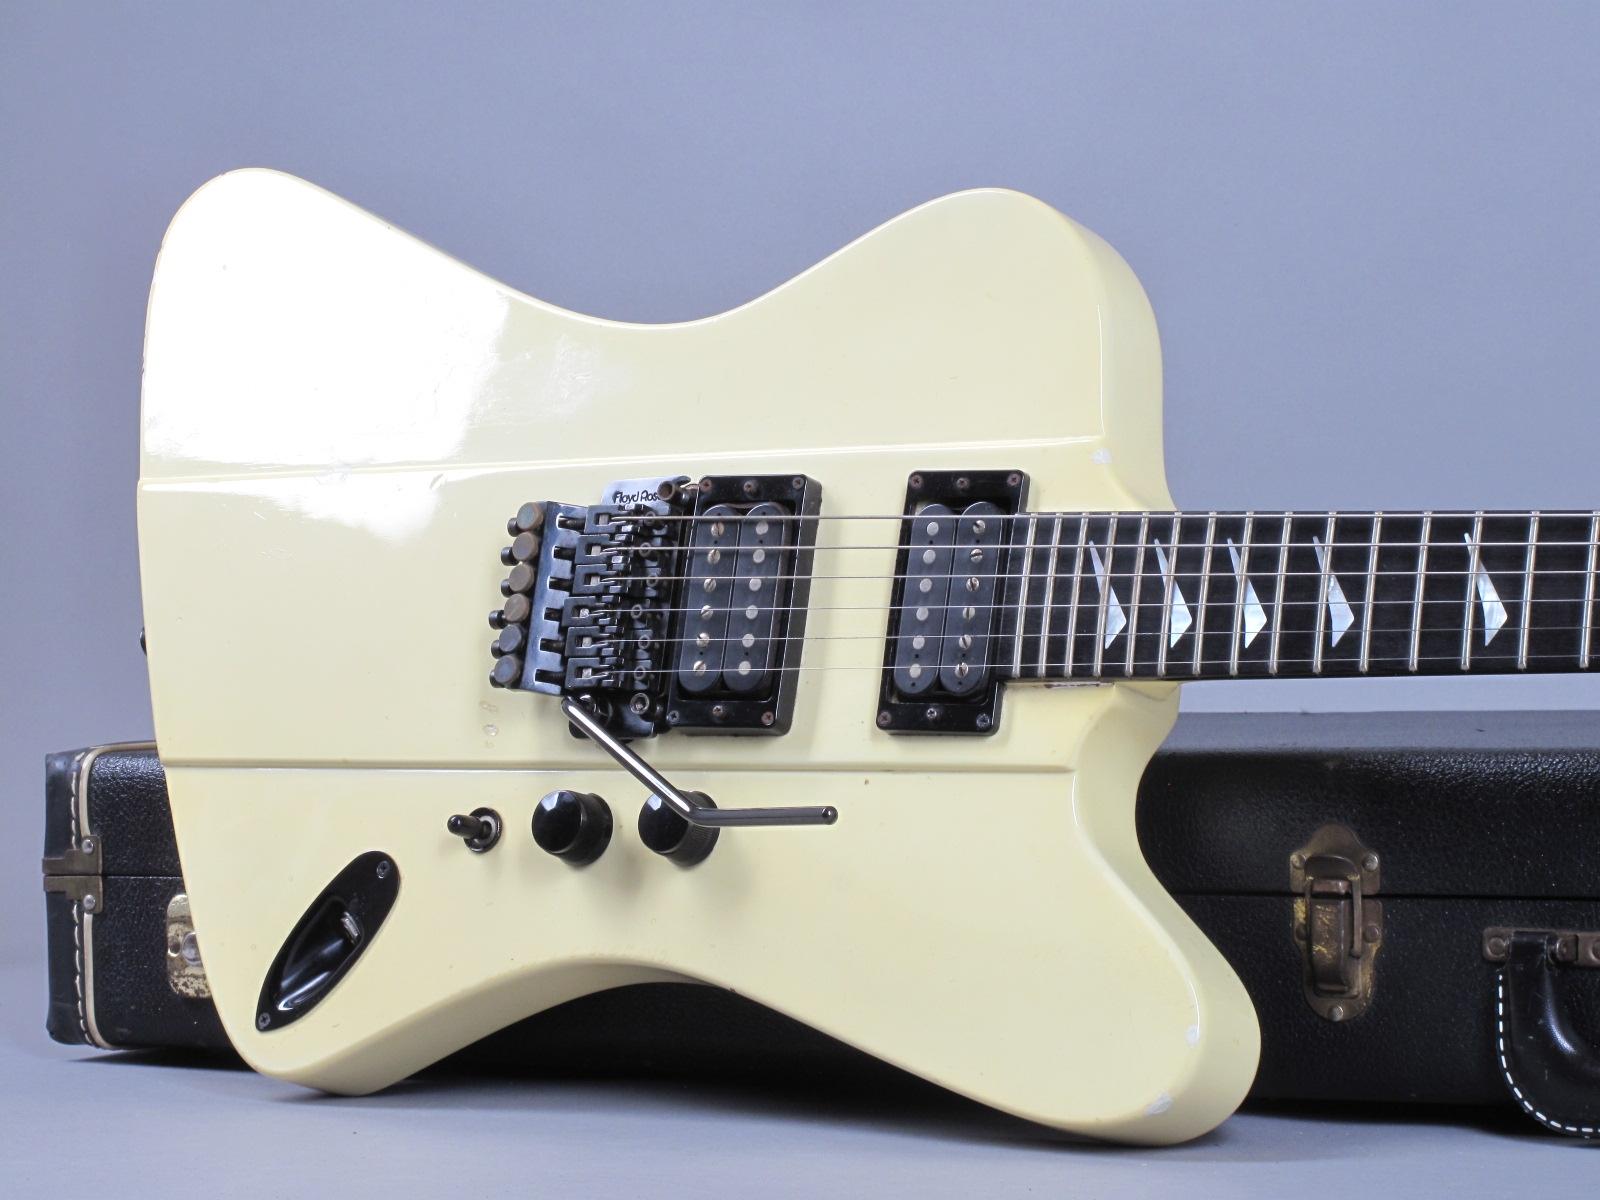 https://guitarpoint.de/app/uploads/products/1986-hamer-firebird-ii-white/1986-Hamer-Firebird-II-White-6175532_19.jpg